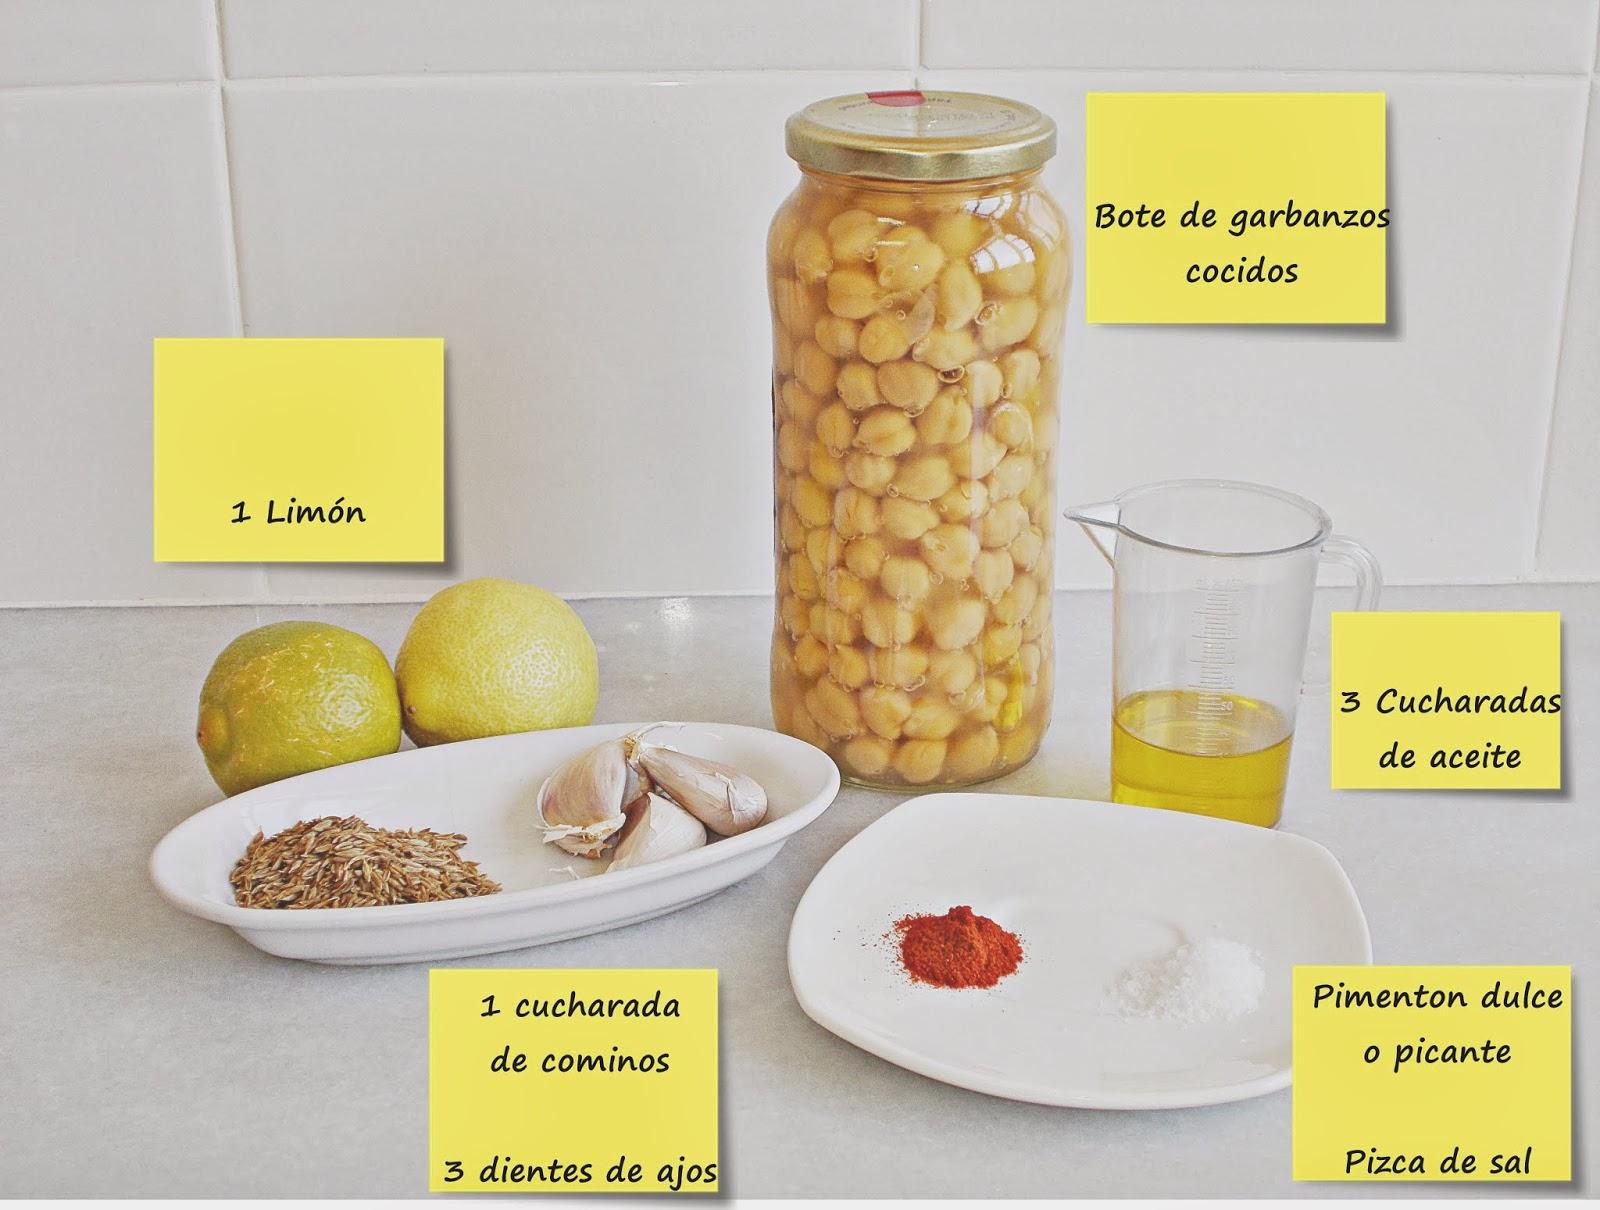 Receta-cocina-hummus-garbanzos-ingredientes